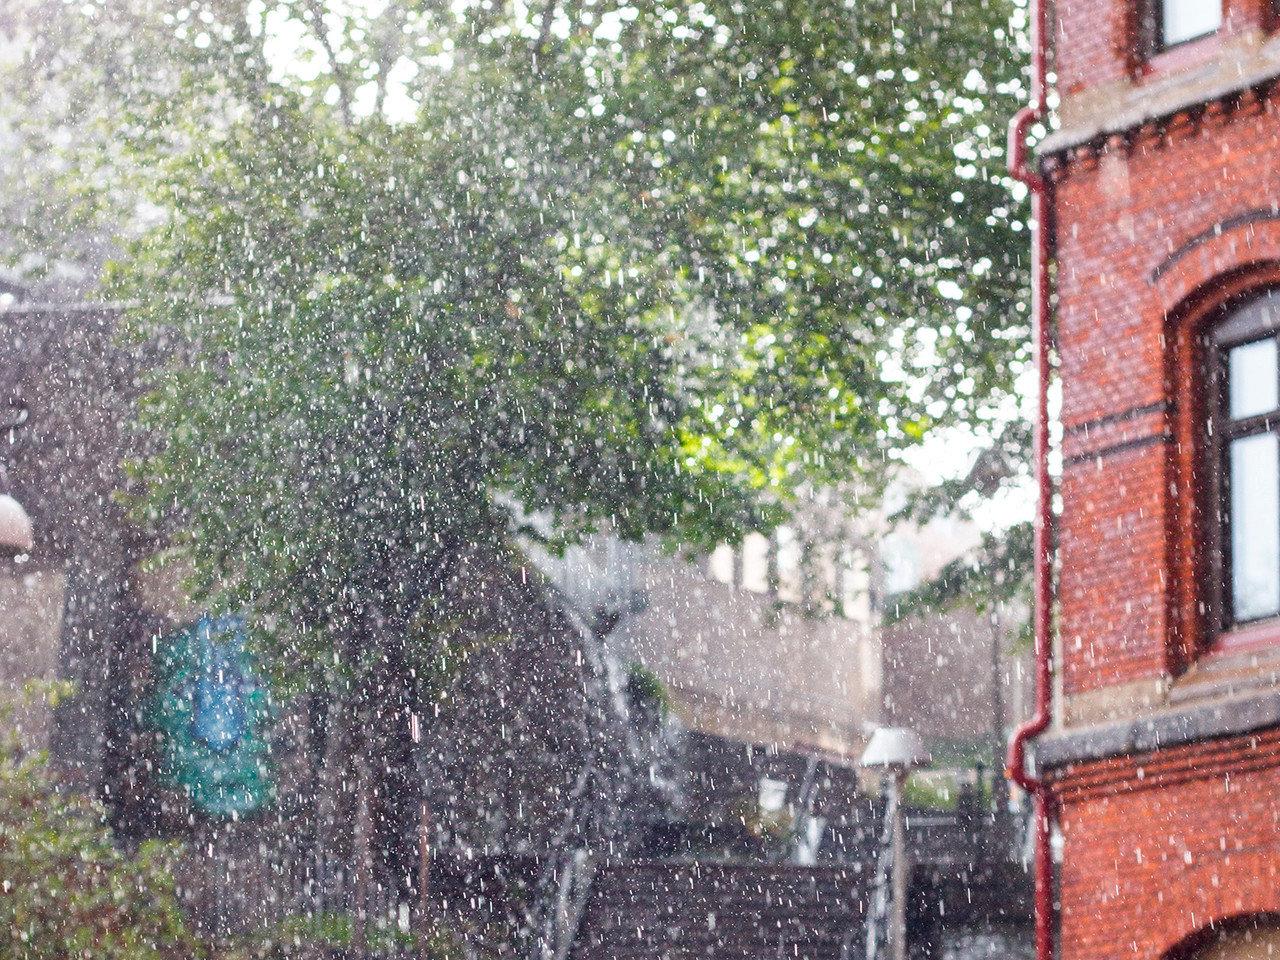 Rainy Day (c) Evelinan Friman (Unsplash)